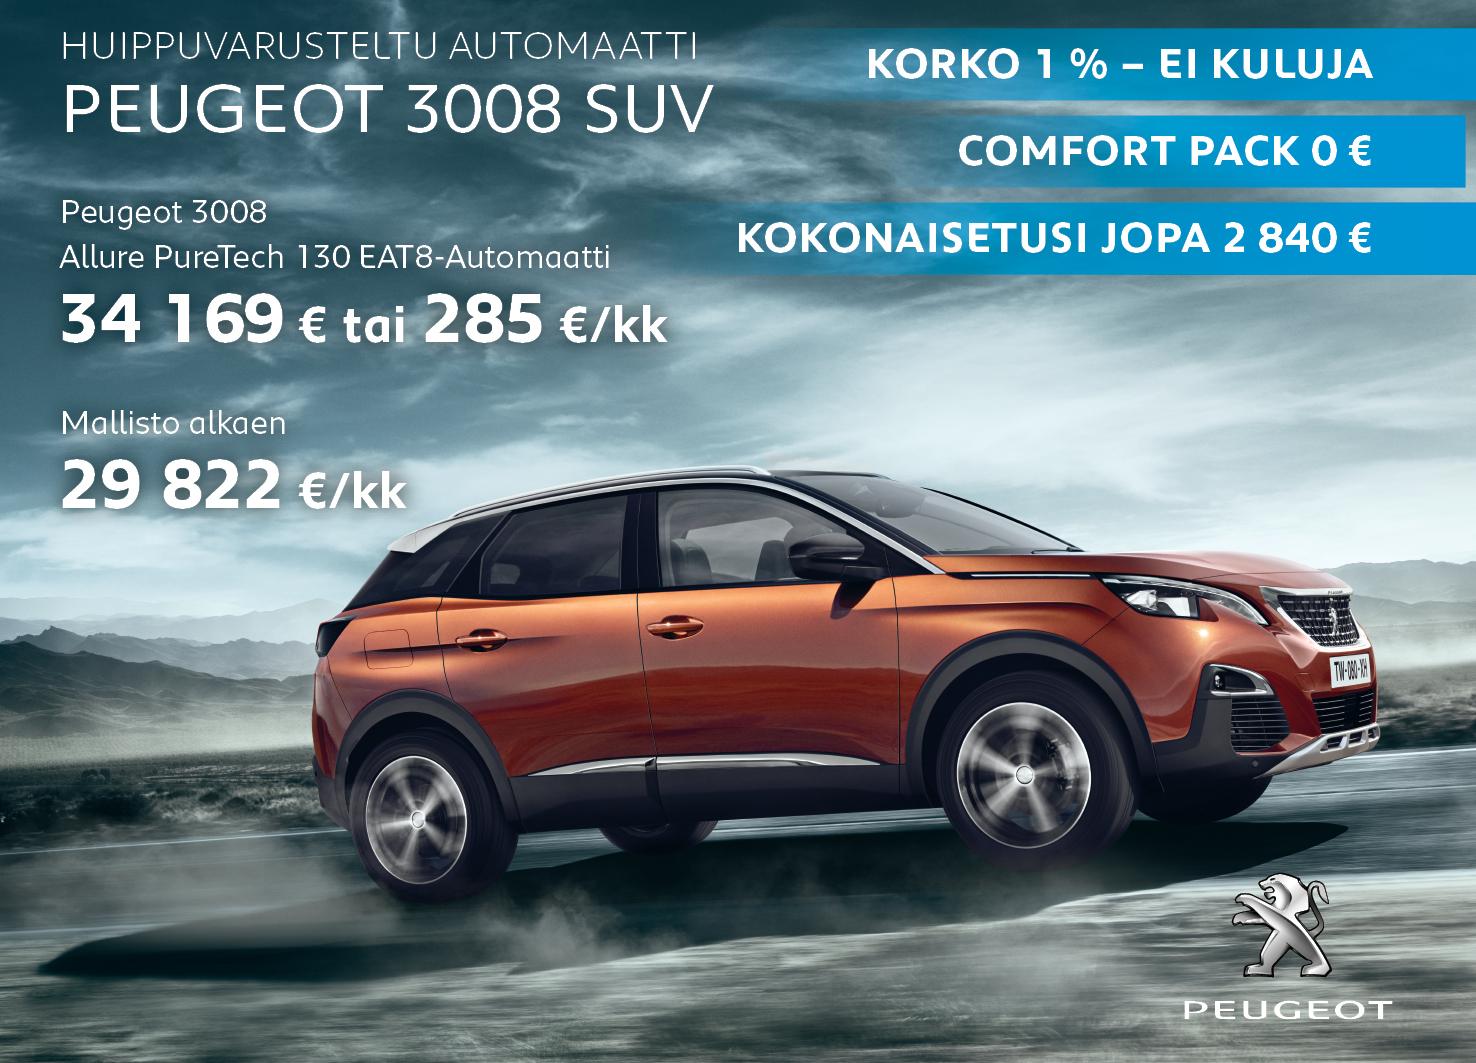 Peugeot Suv 3008 >> Peugeot 3008 Suv